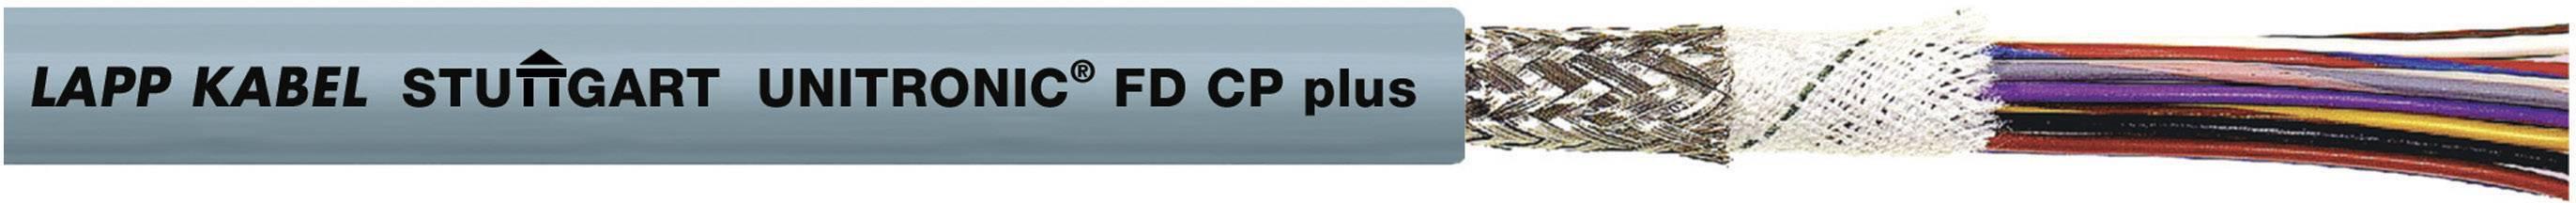 Datový kabel LappKabel UNITRONIC FD CP plus 5X0,34 (0028901), 5x 0,34 mm², Ø 6,8 mm, stíněný, 1 m, šedá